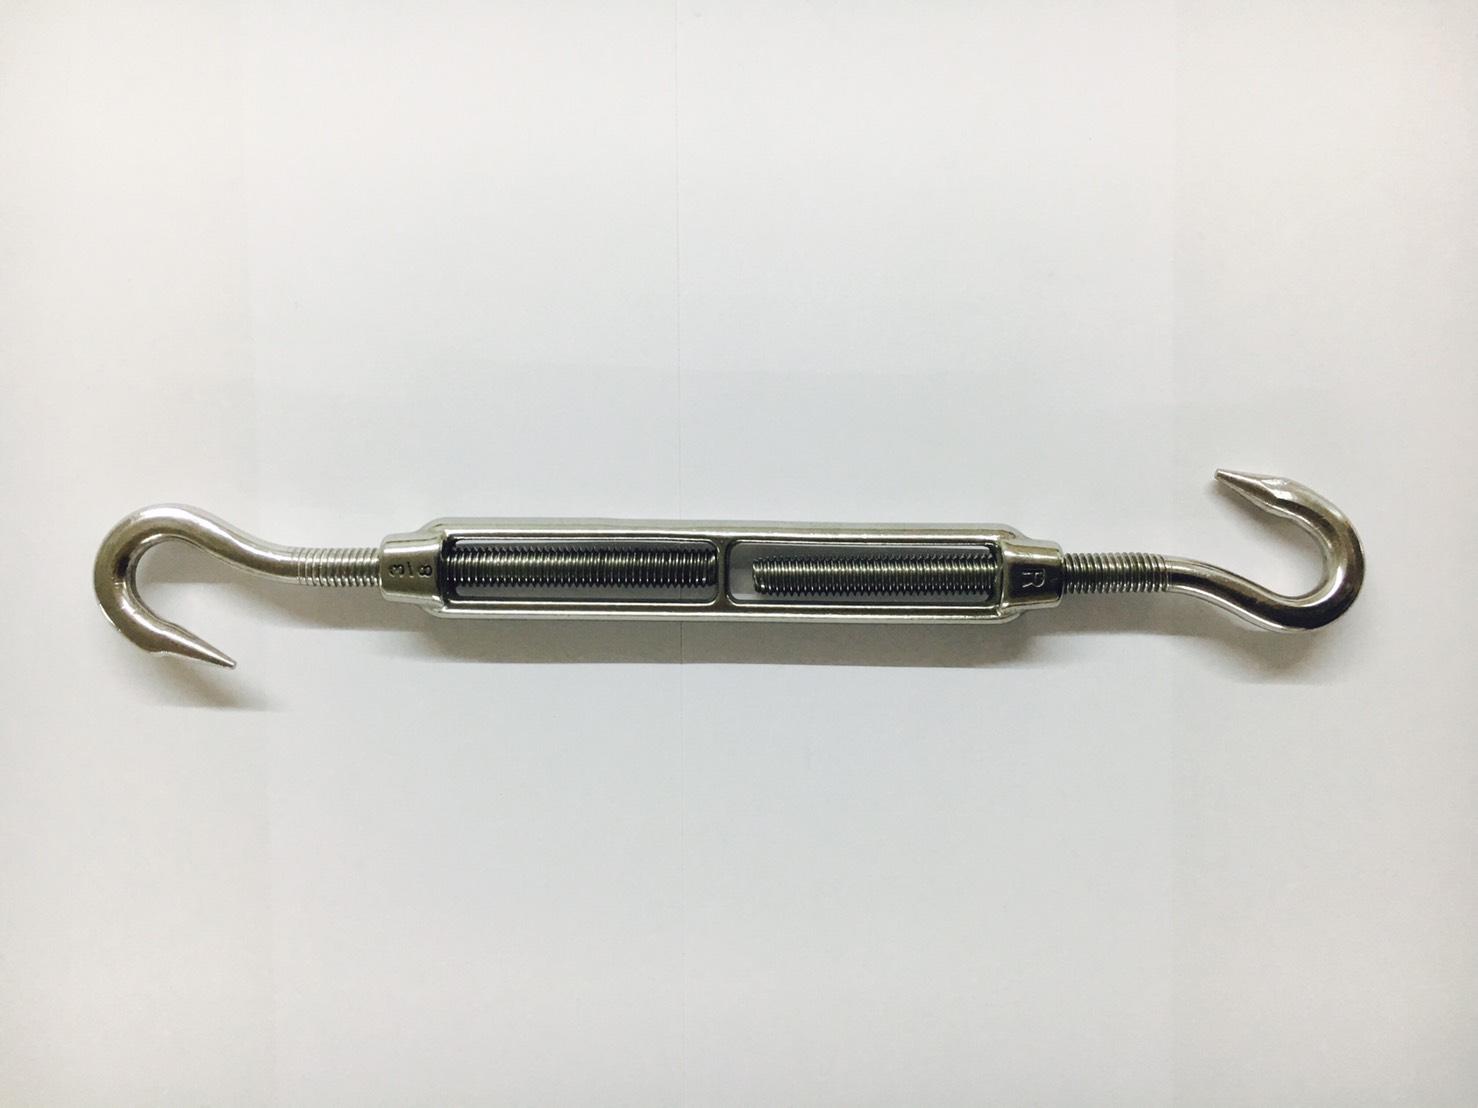 SFA-9017B Hook & Hook Turnbuckle